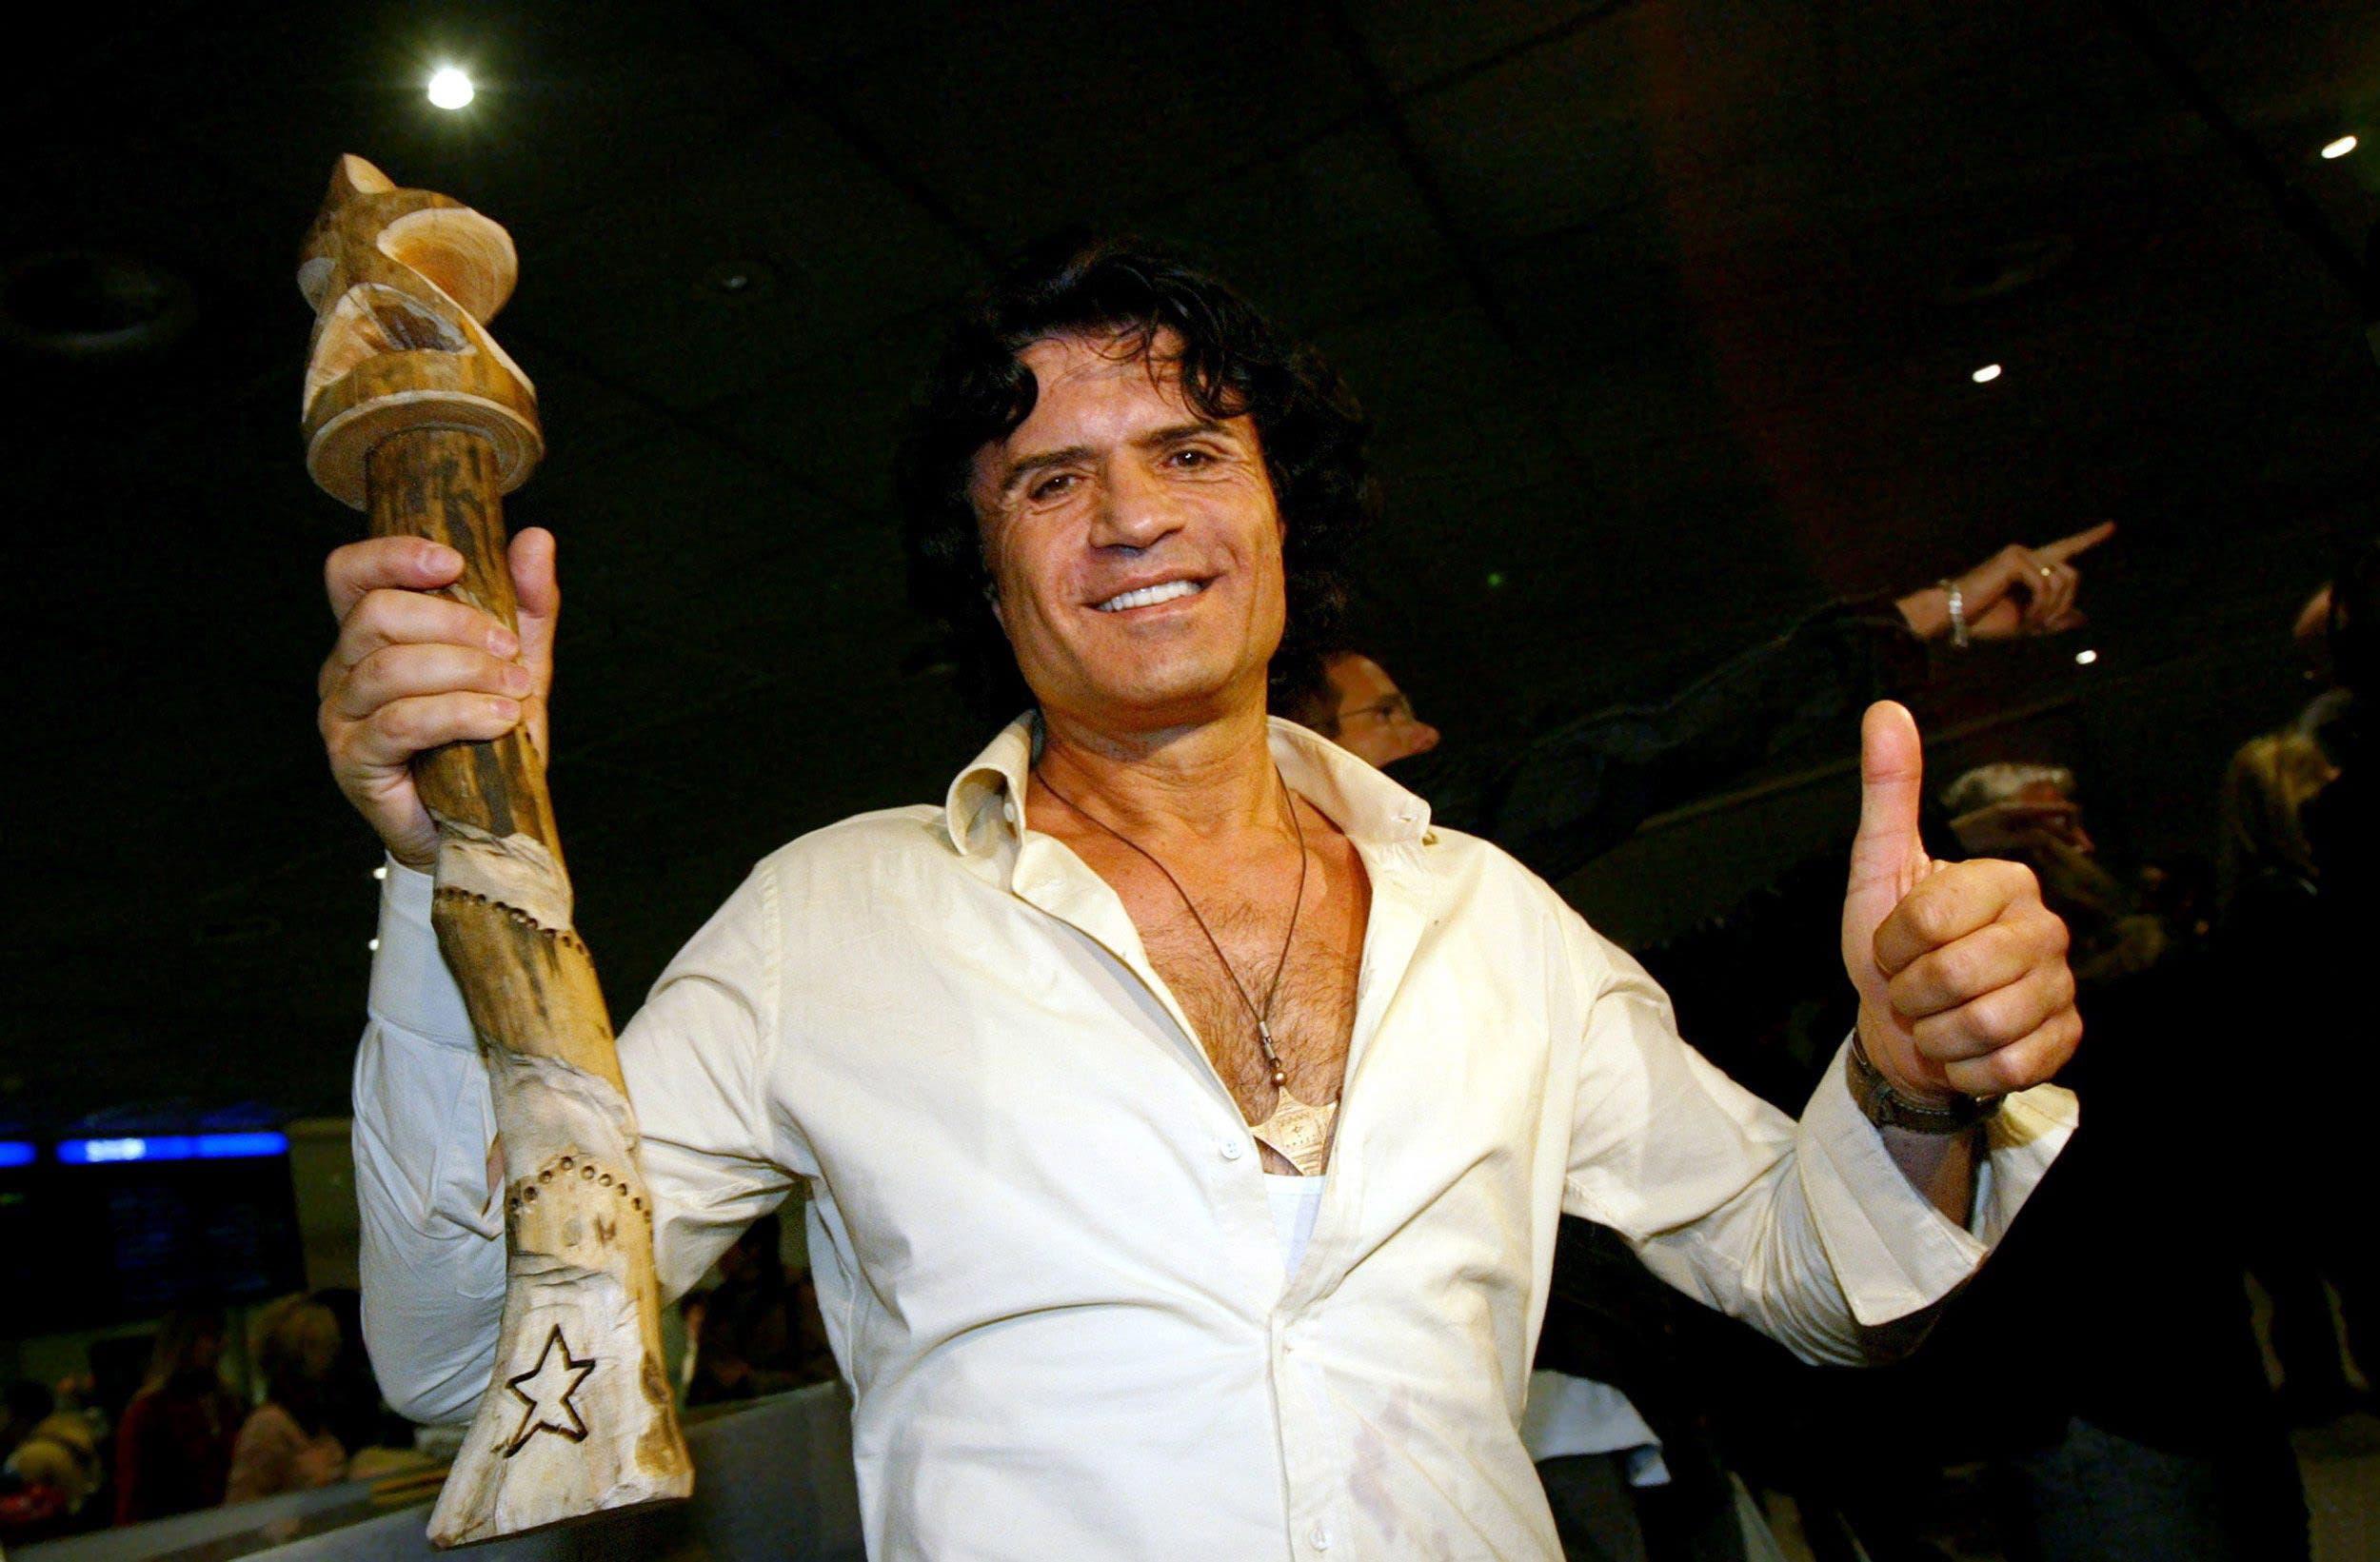 Cordalis war 2004 der erste Dschungelcamp-Gewinner. (Bild: EPA/Frank May)